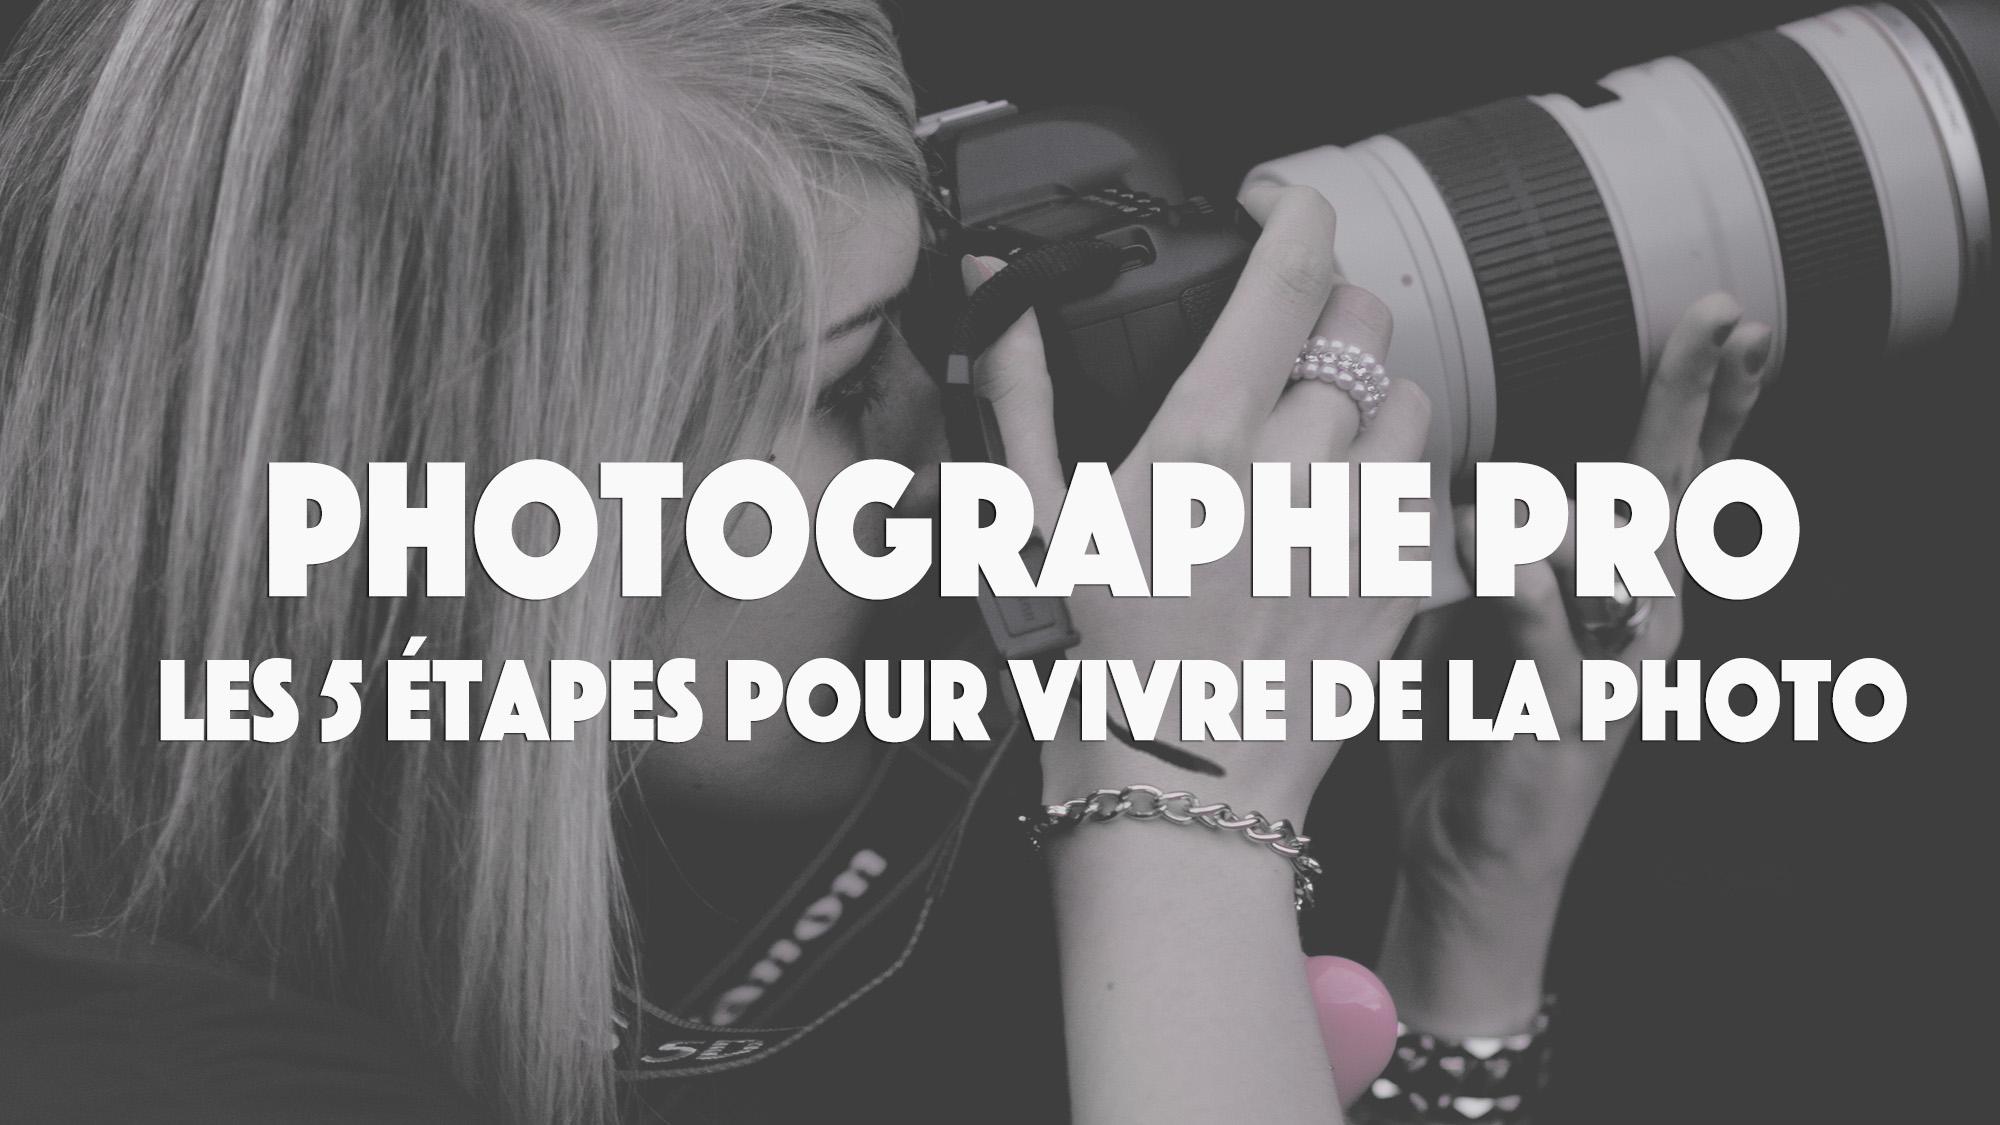 photographe professionnel vivre de la photo vendre